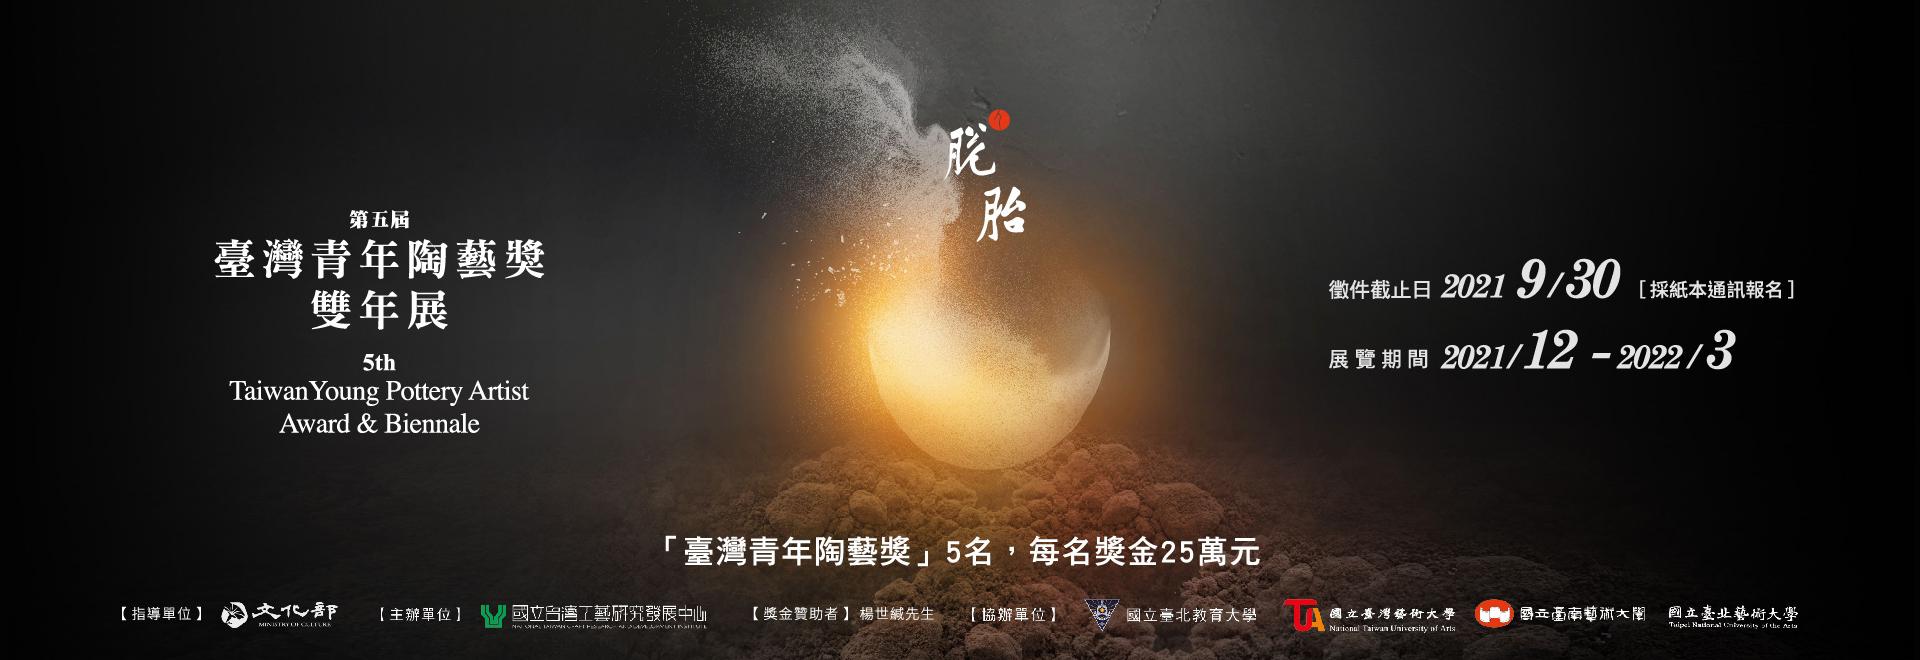 「第五屆臺灣青年陶藝獎暨雙年展」徵件-ipad